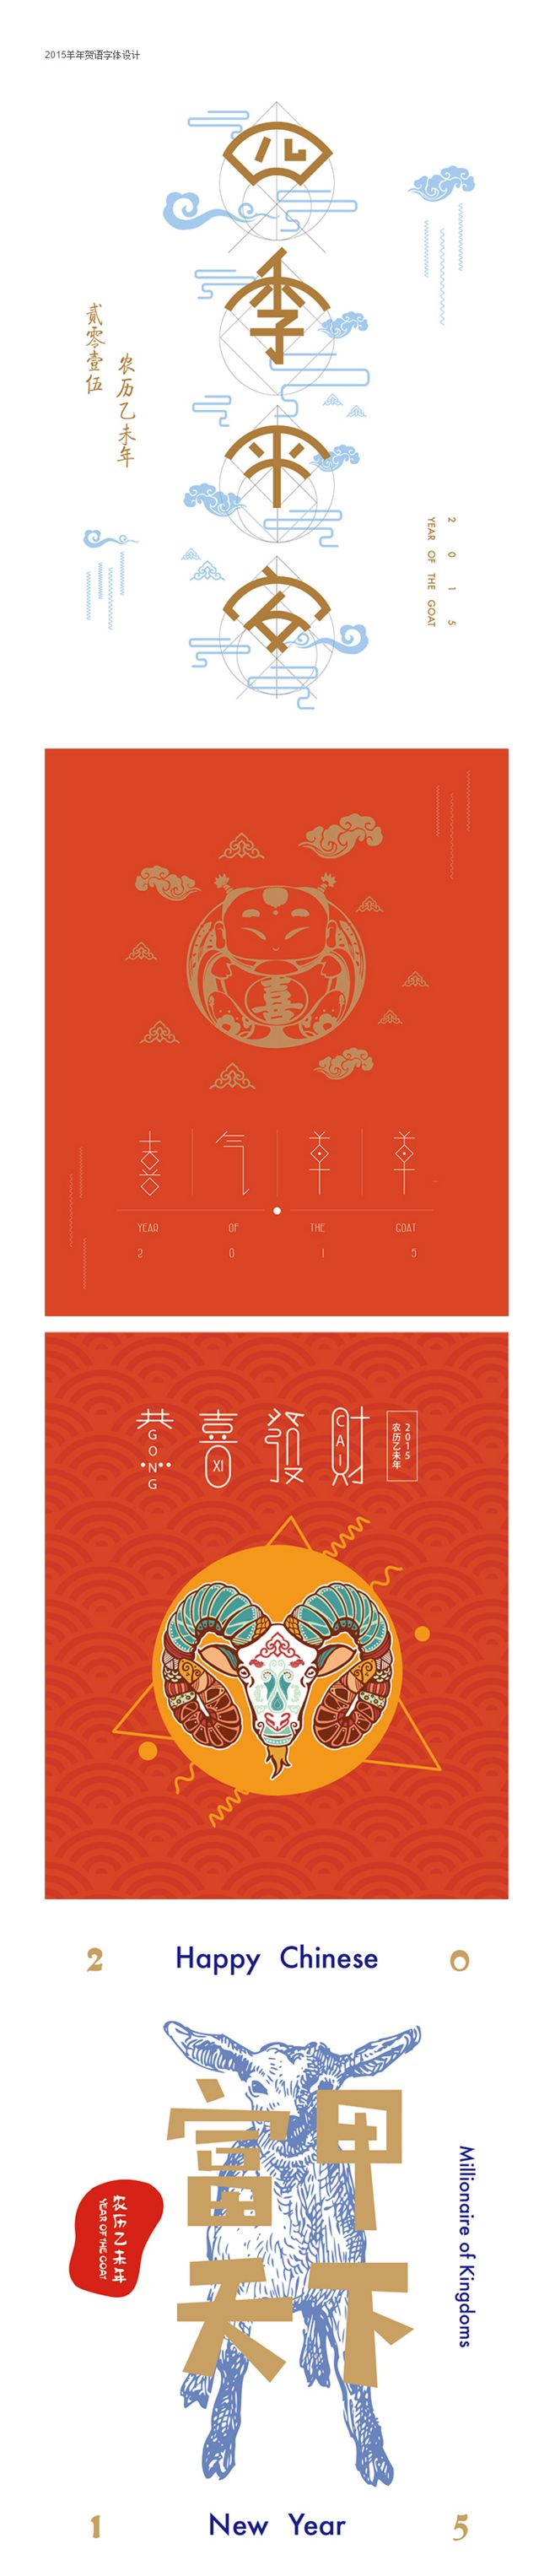 新年贺语字体设计 New Year Gr...